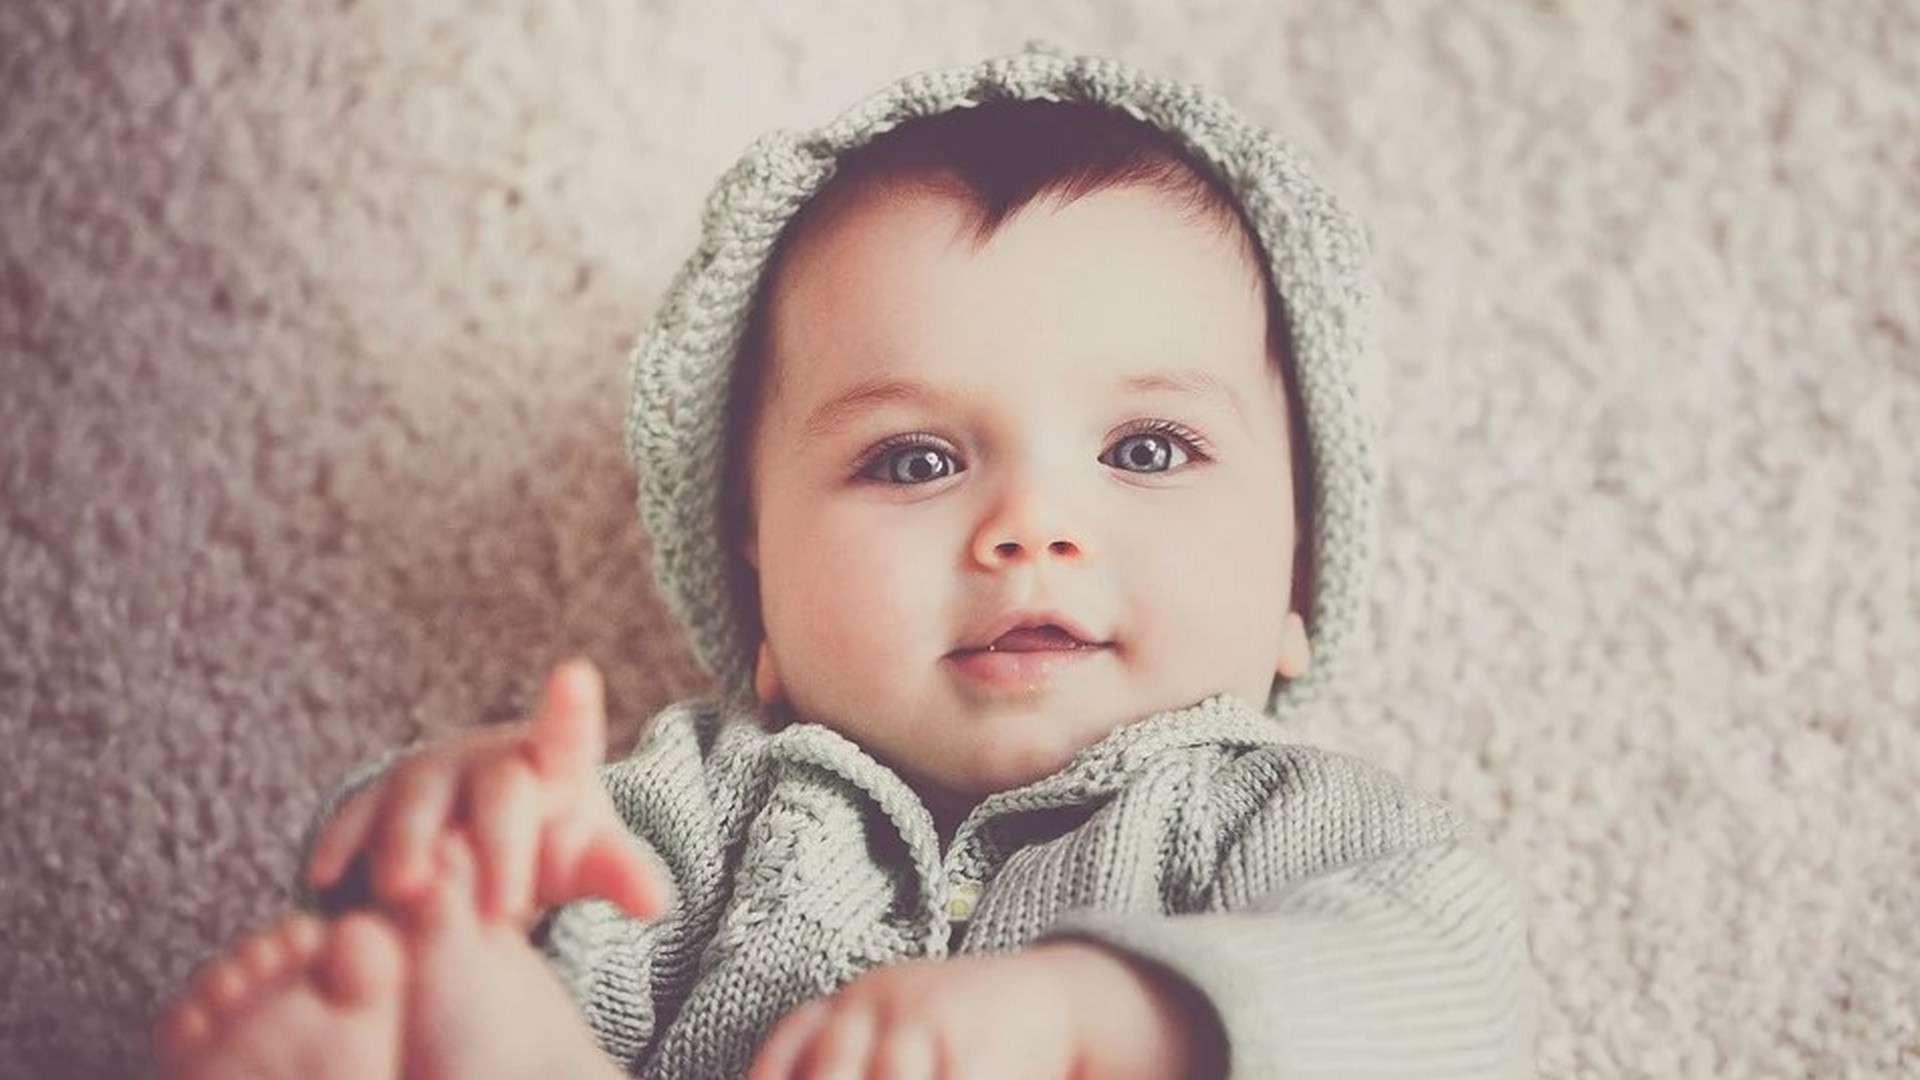 El color de los ojos de un bebé puede cambiar al crecer